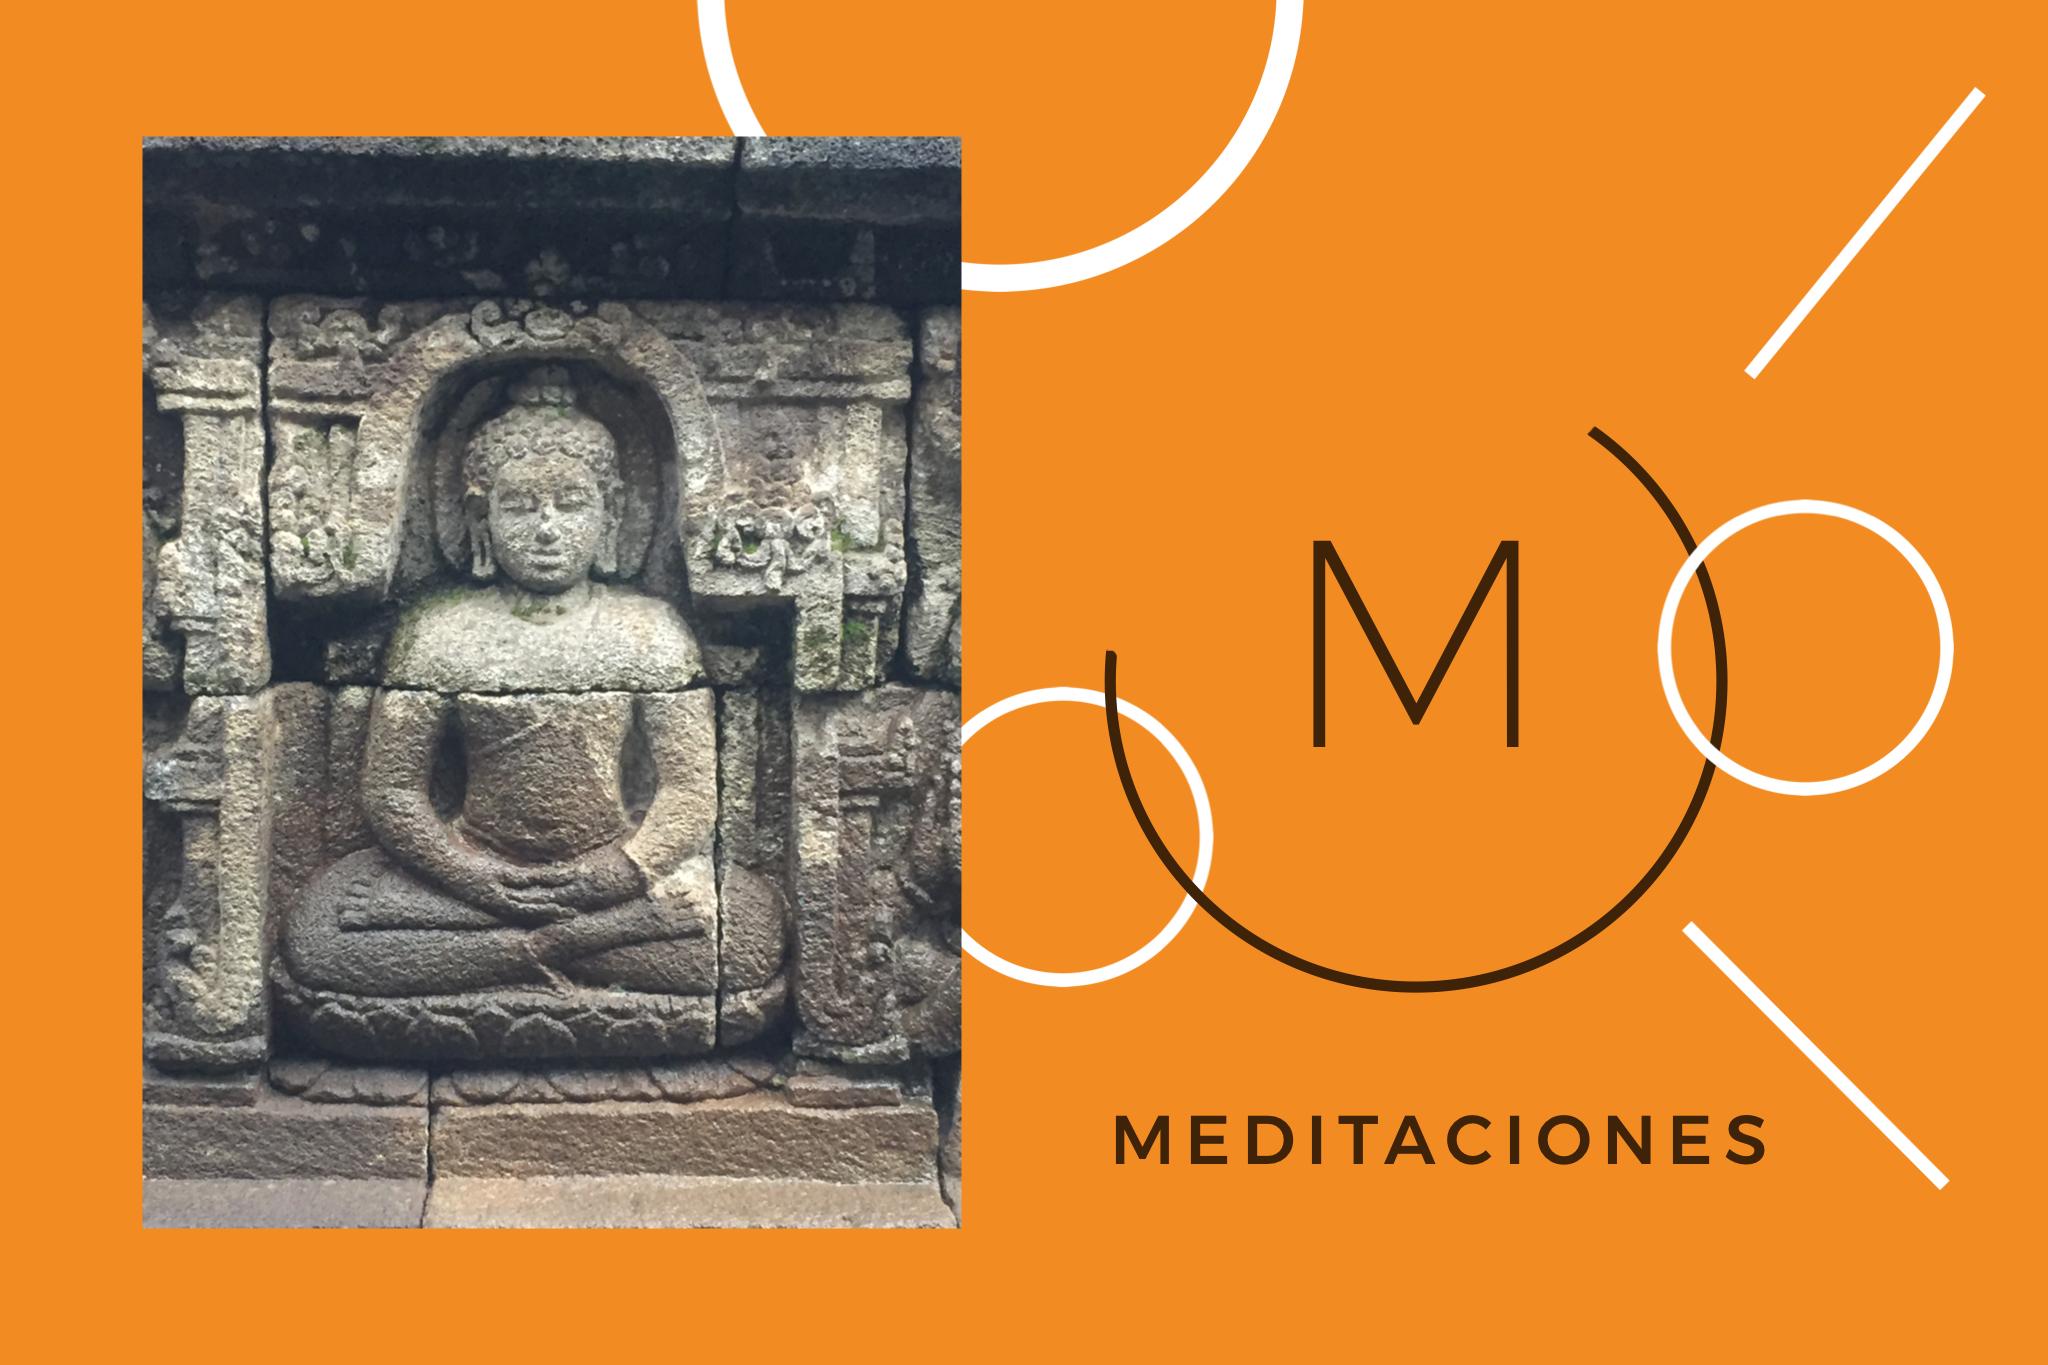 MEDITACIONES_ENCABEZADO